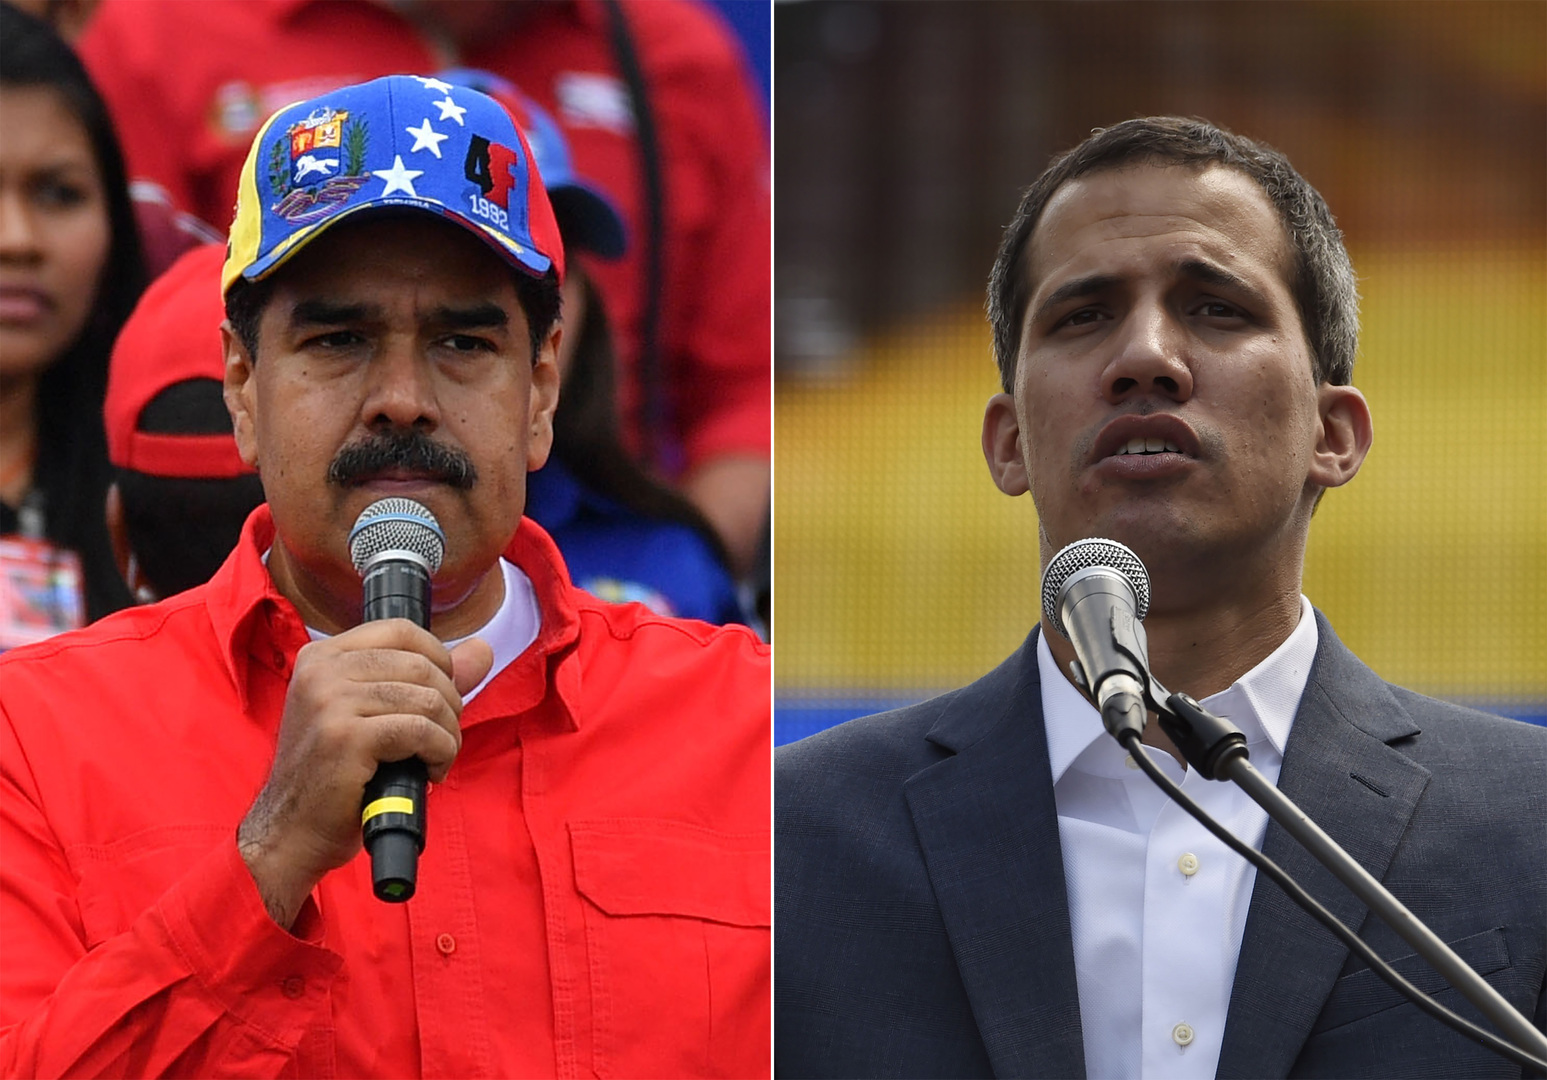 السلطات الفنزويلية والمعارضة تدعوان أنصارهما للتظاهر